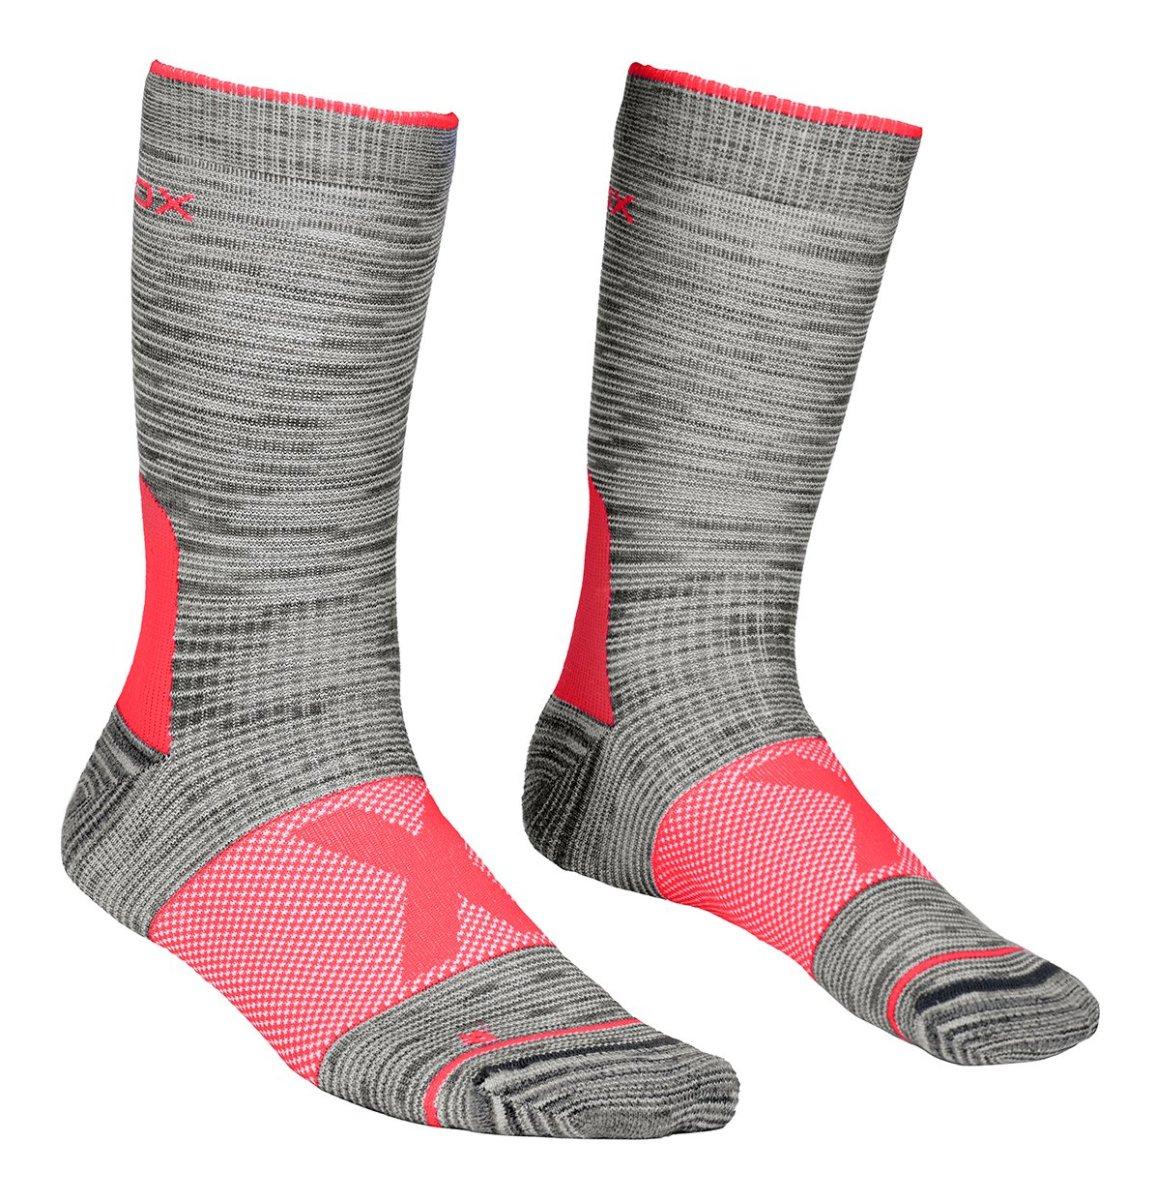 Ortovox - ALPINIST MID SOCKS - Bequeme, technische Merino-Socken für Frauen